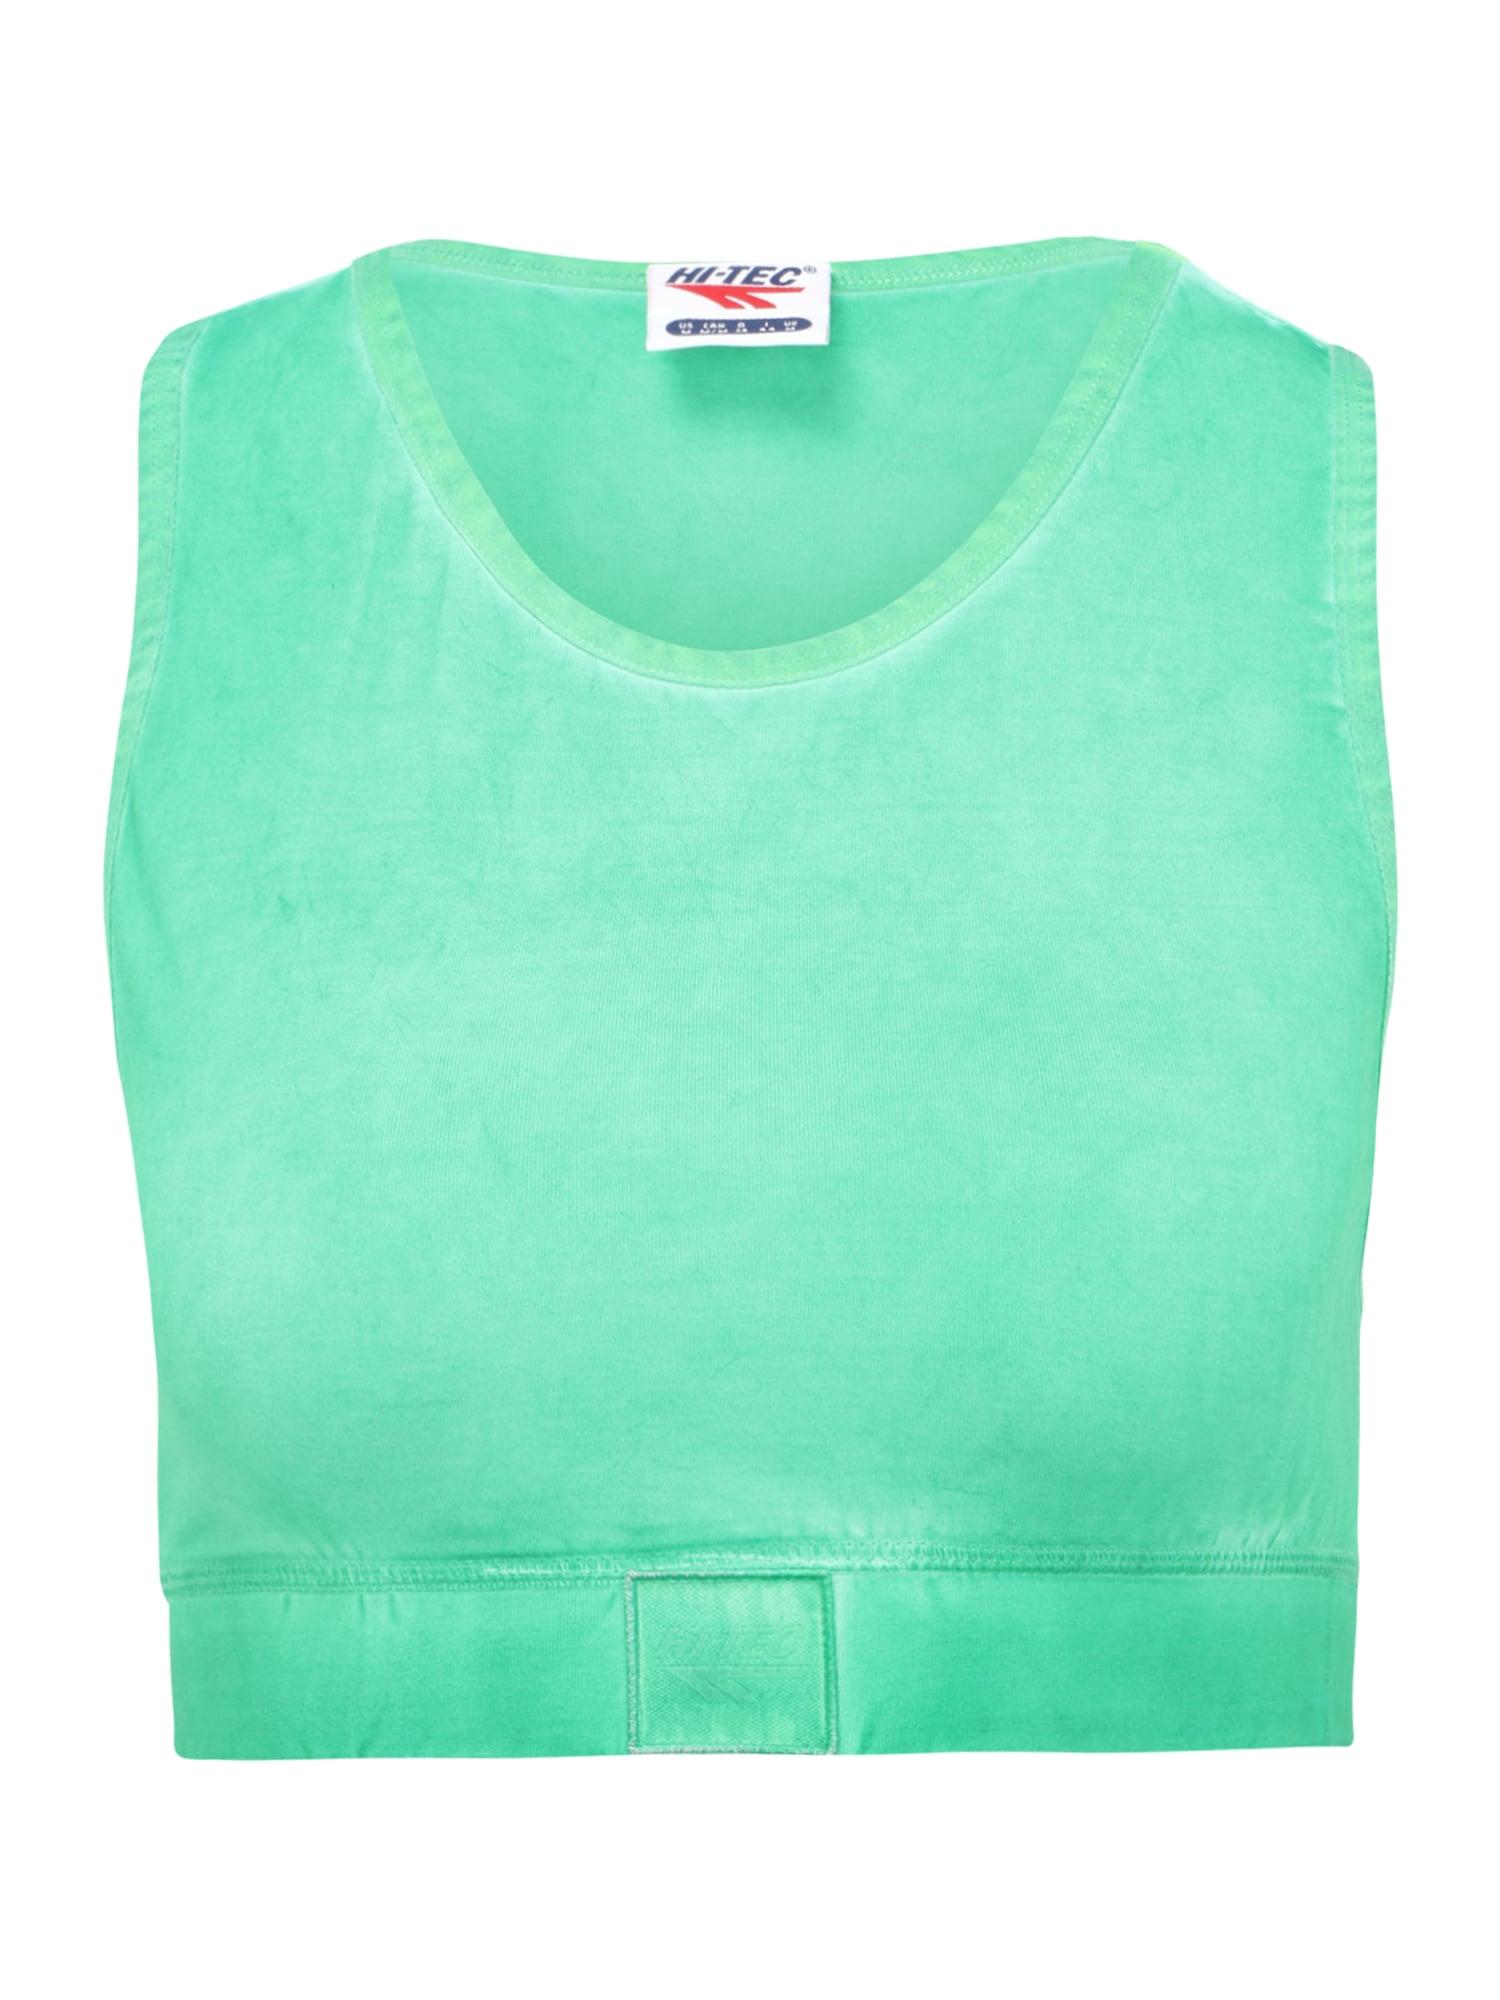 HI-TEC Sportiniai marškinėliai be rankovių